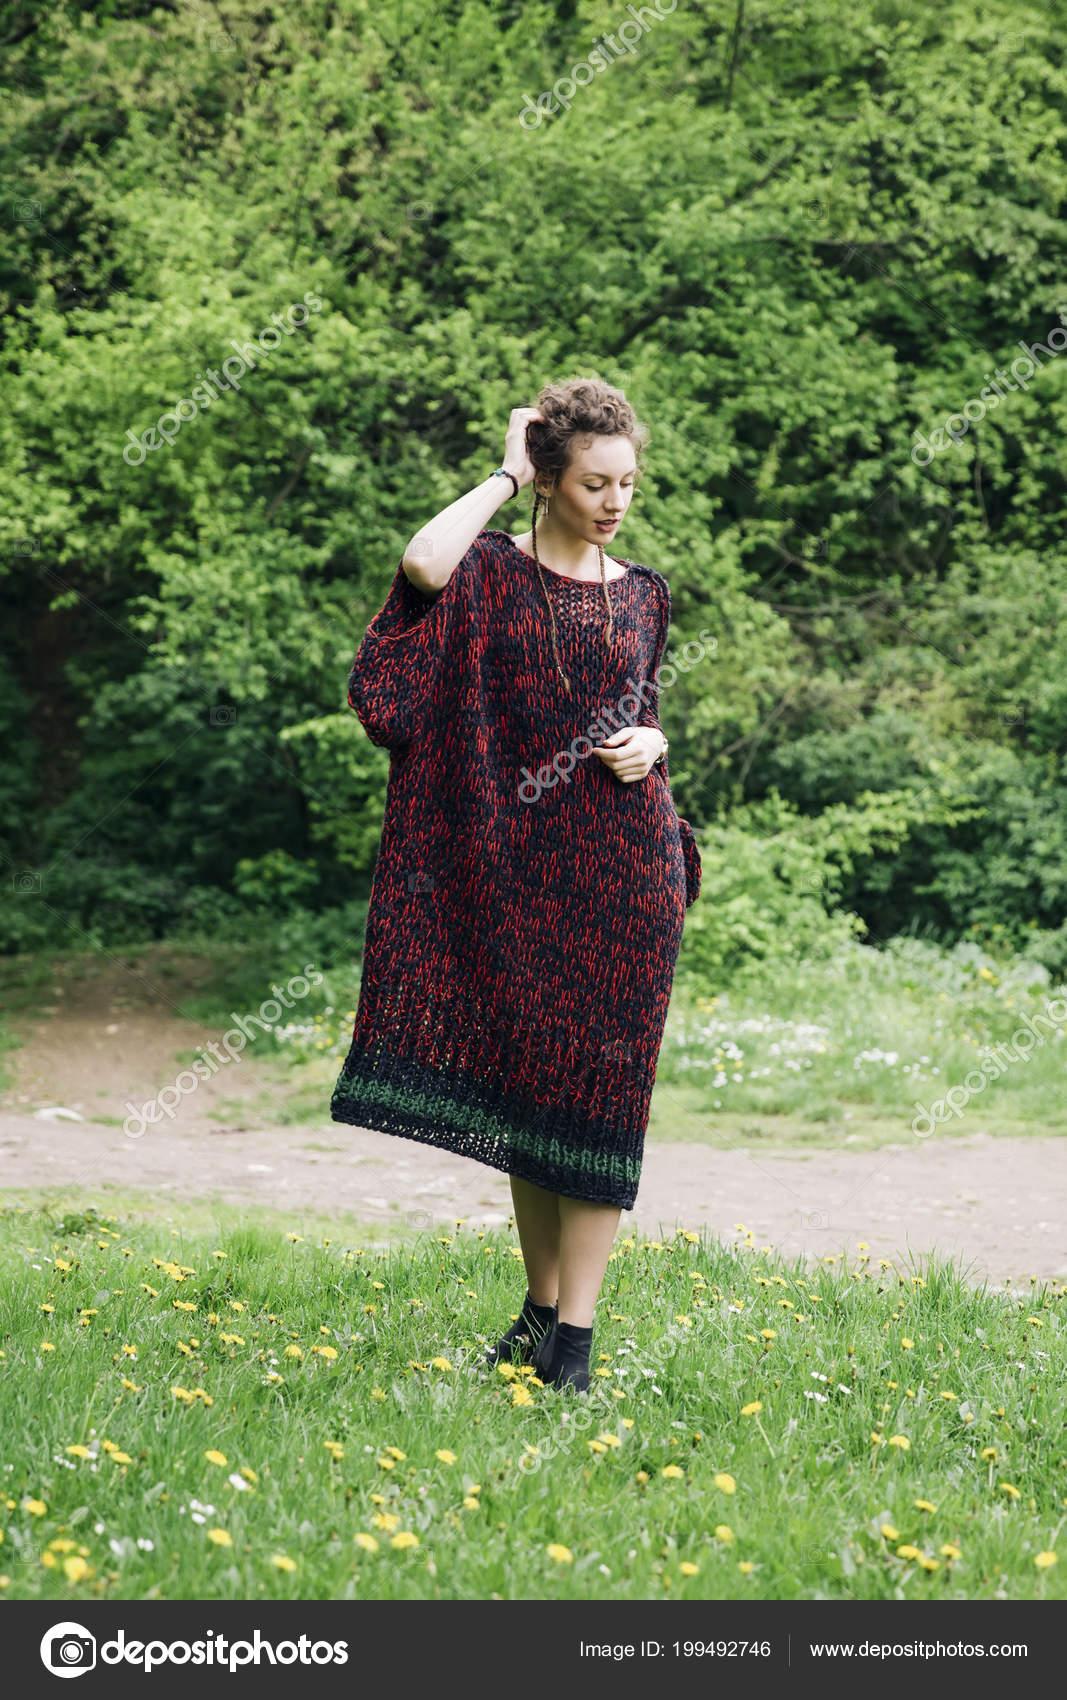 Großartig Moderne Pullover Dekoration Von Junge Frau Trägt Und Posiert Park —